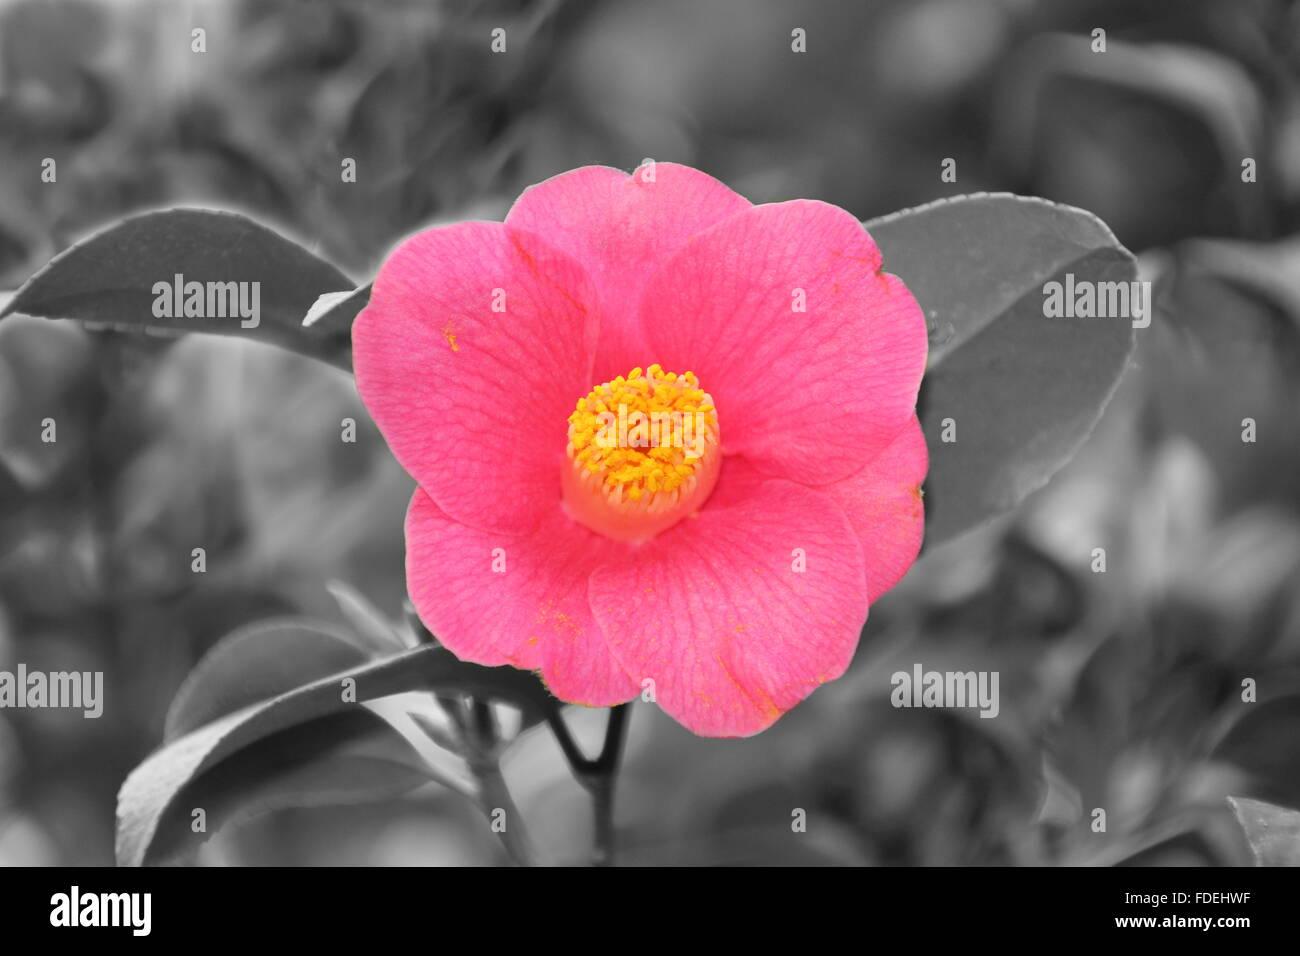 Di un bel colore rosa camelia fiore in giardino Immagini Stock